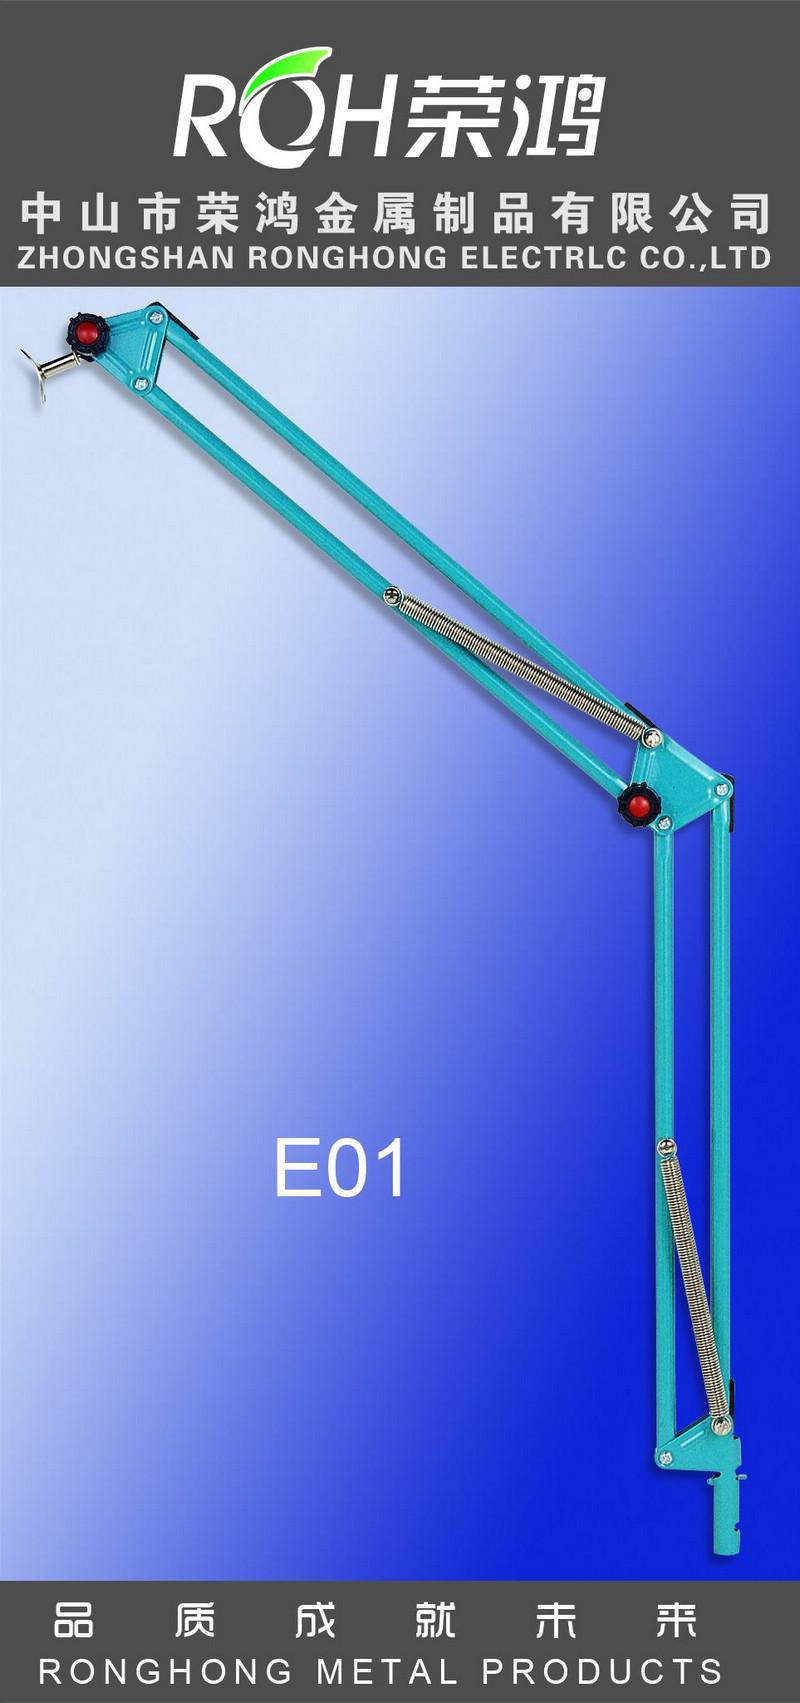 摇臂支架图片-型号为E01-如图:喷浅蓝色,表面处理主要有:各种电镀、喷涂等